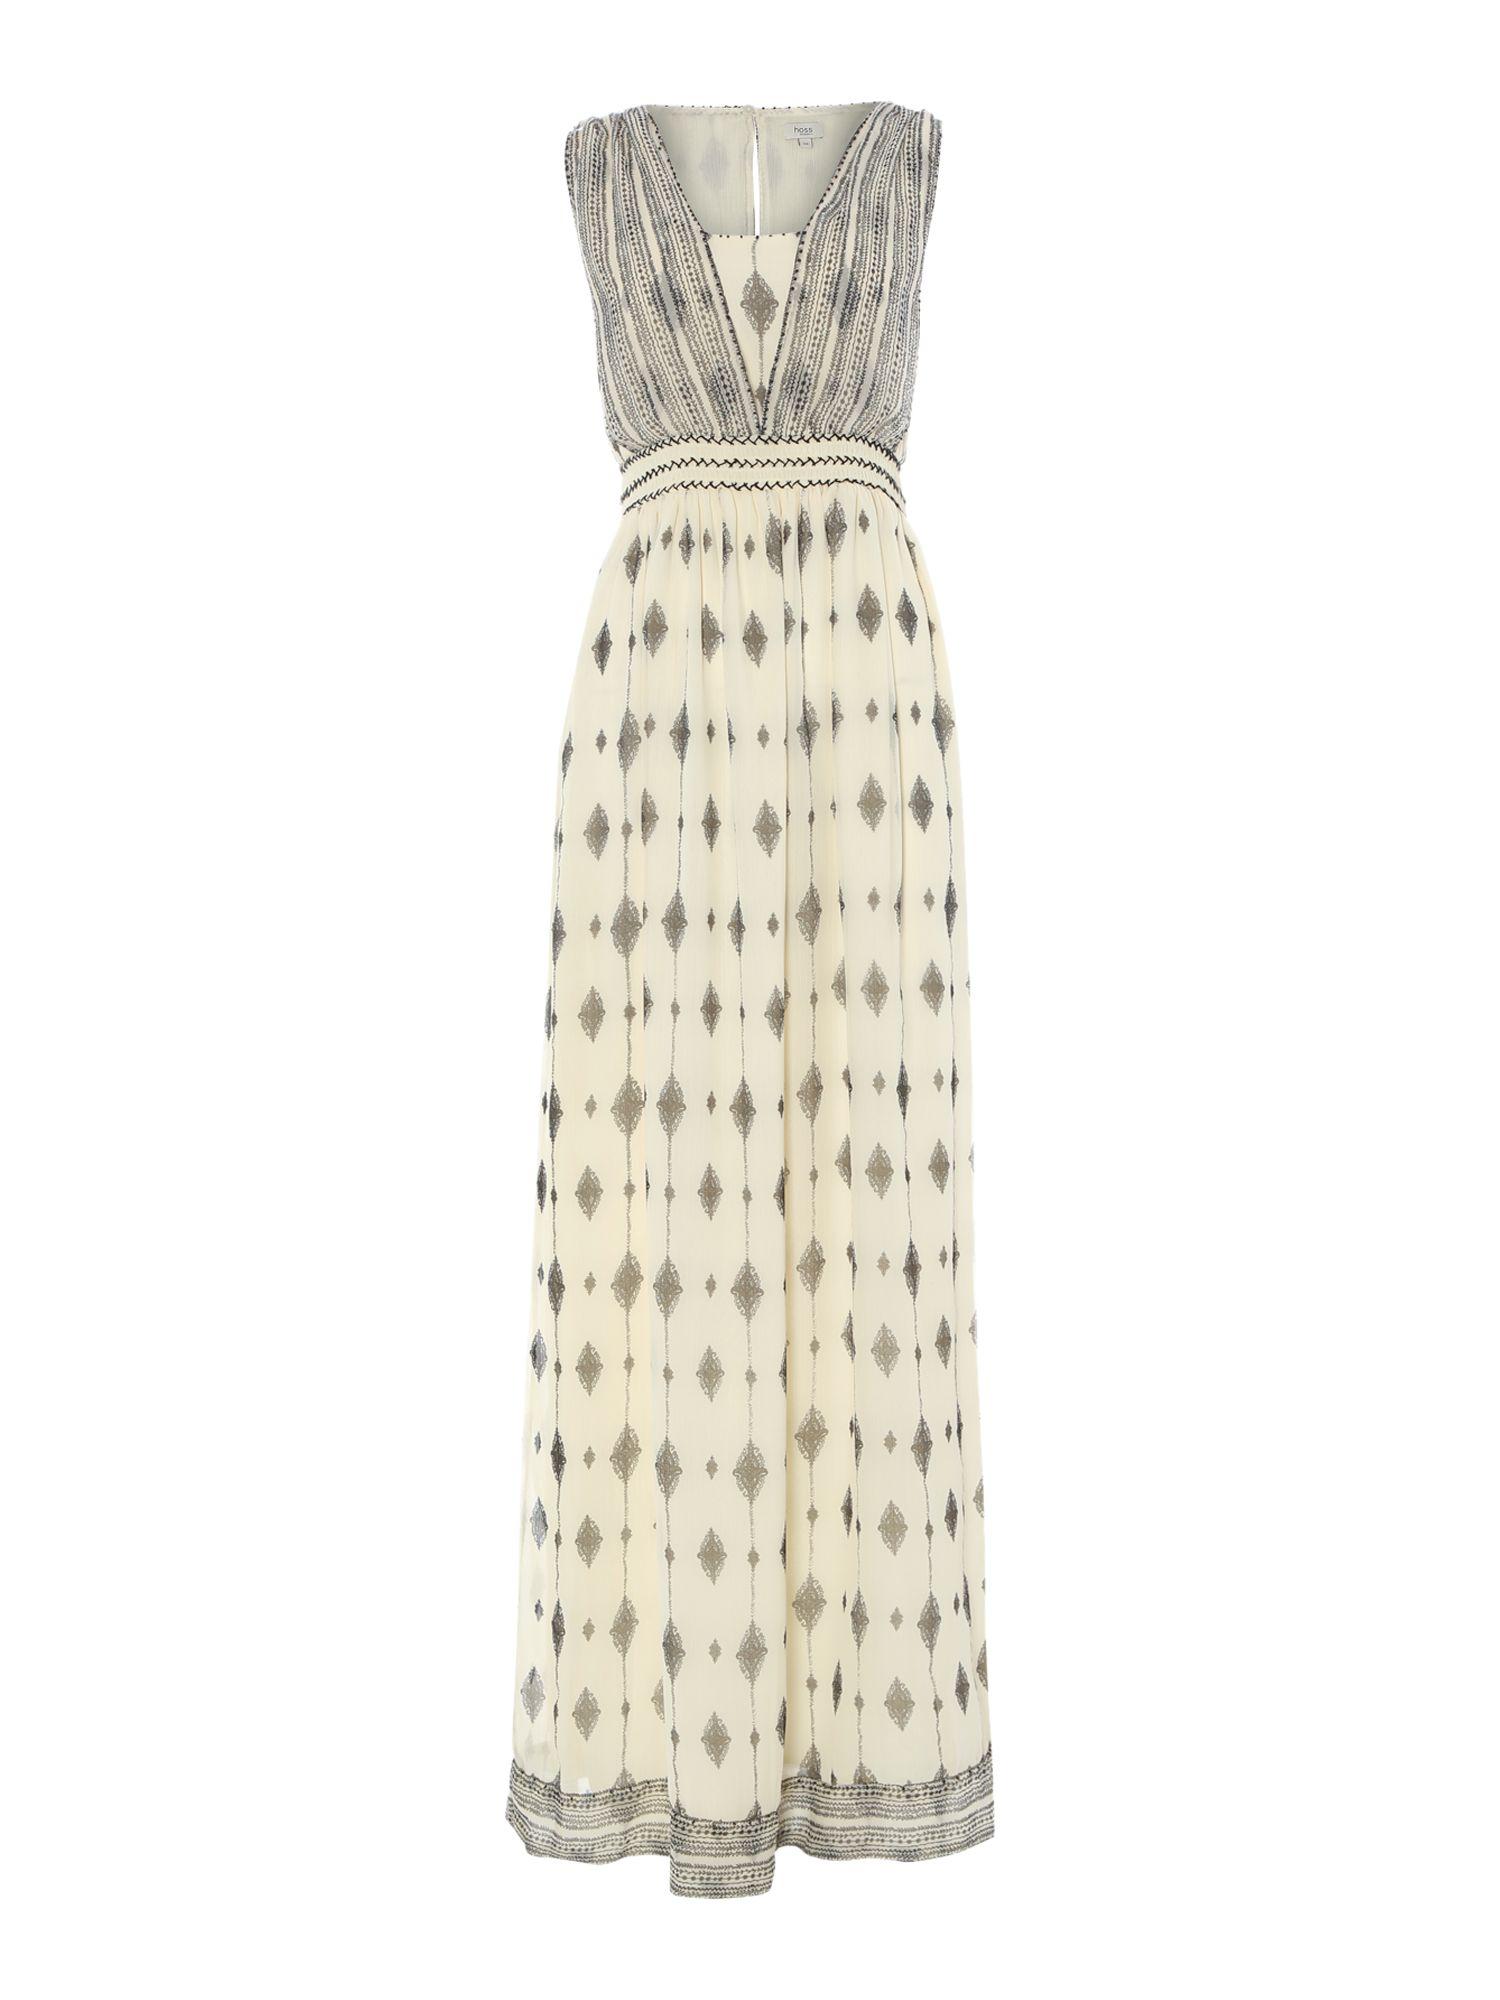 Hoss intropia maxi dress